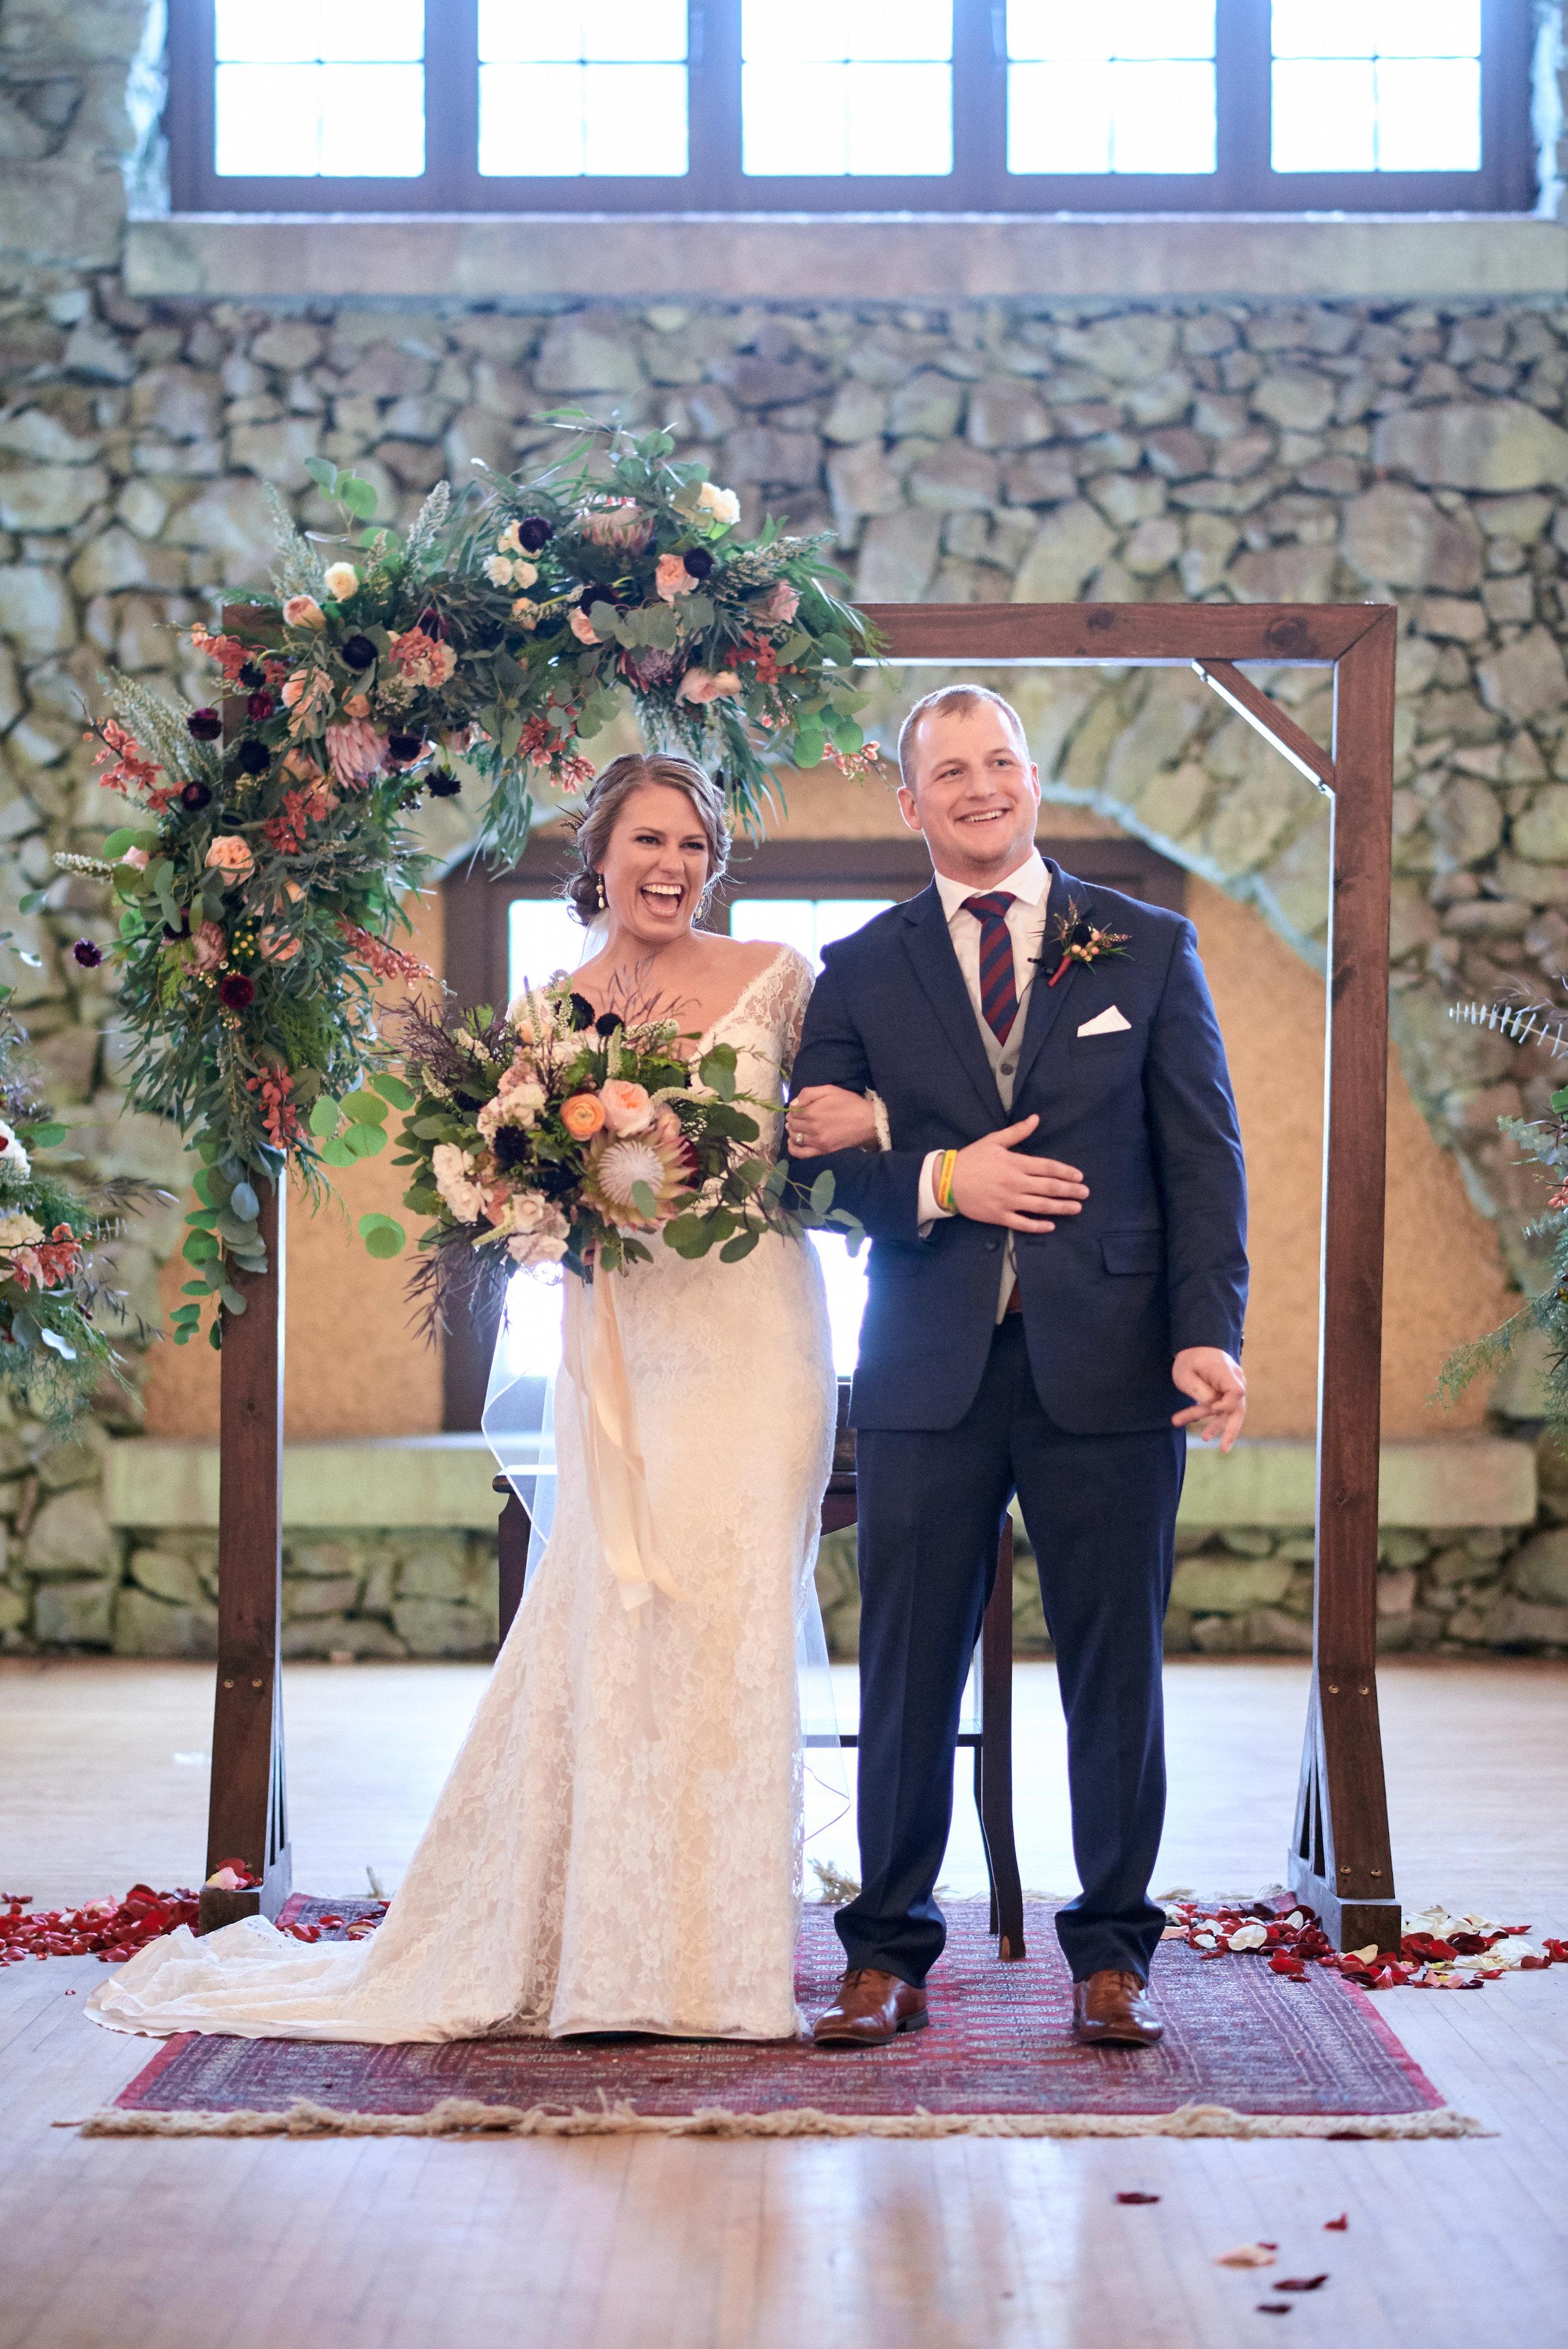 453-rothschild-pavilion-winter-wedding.jpg